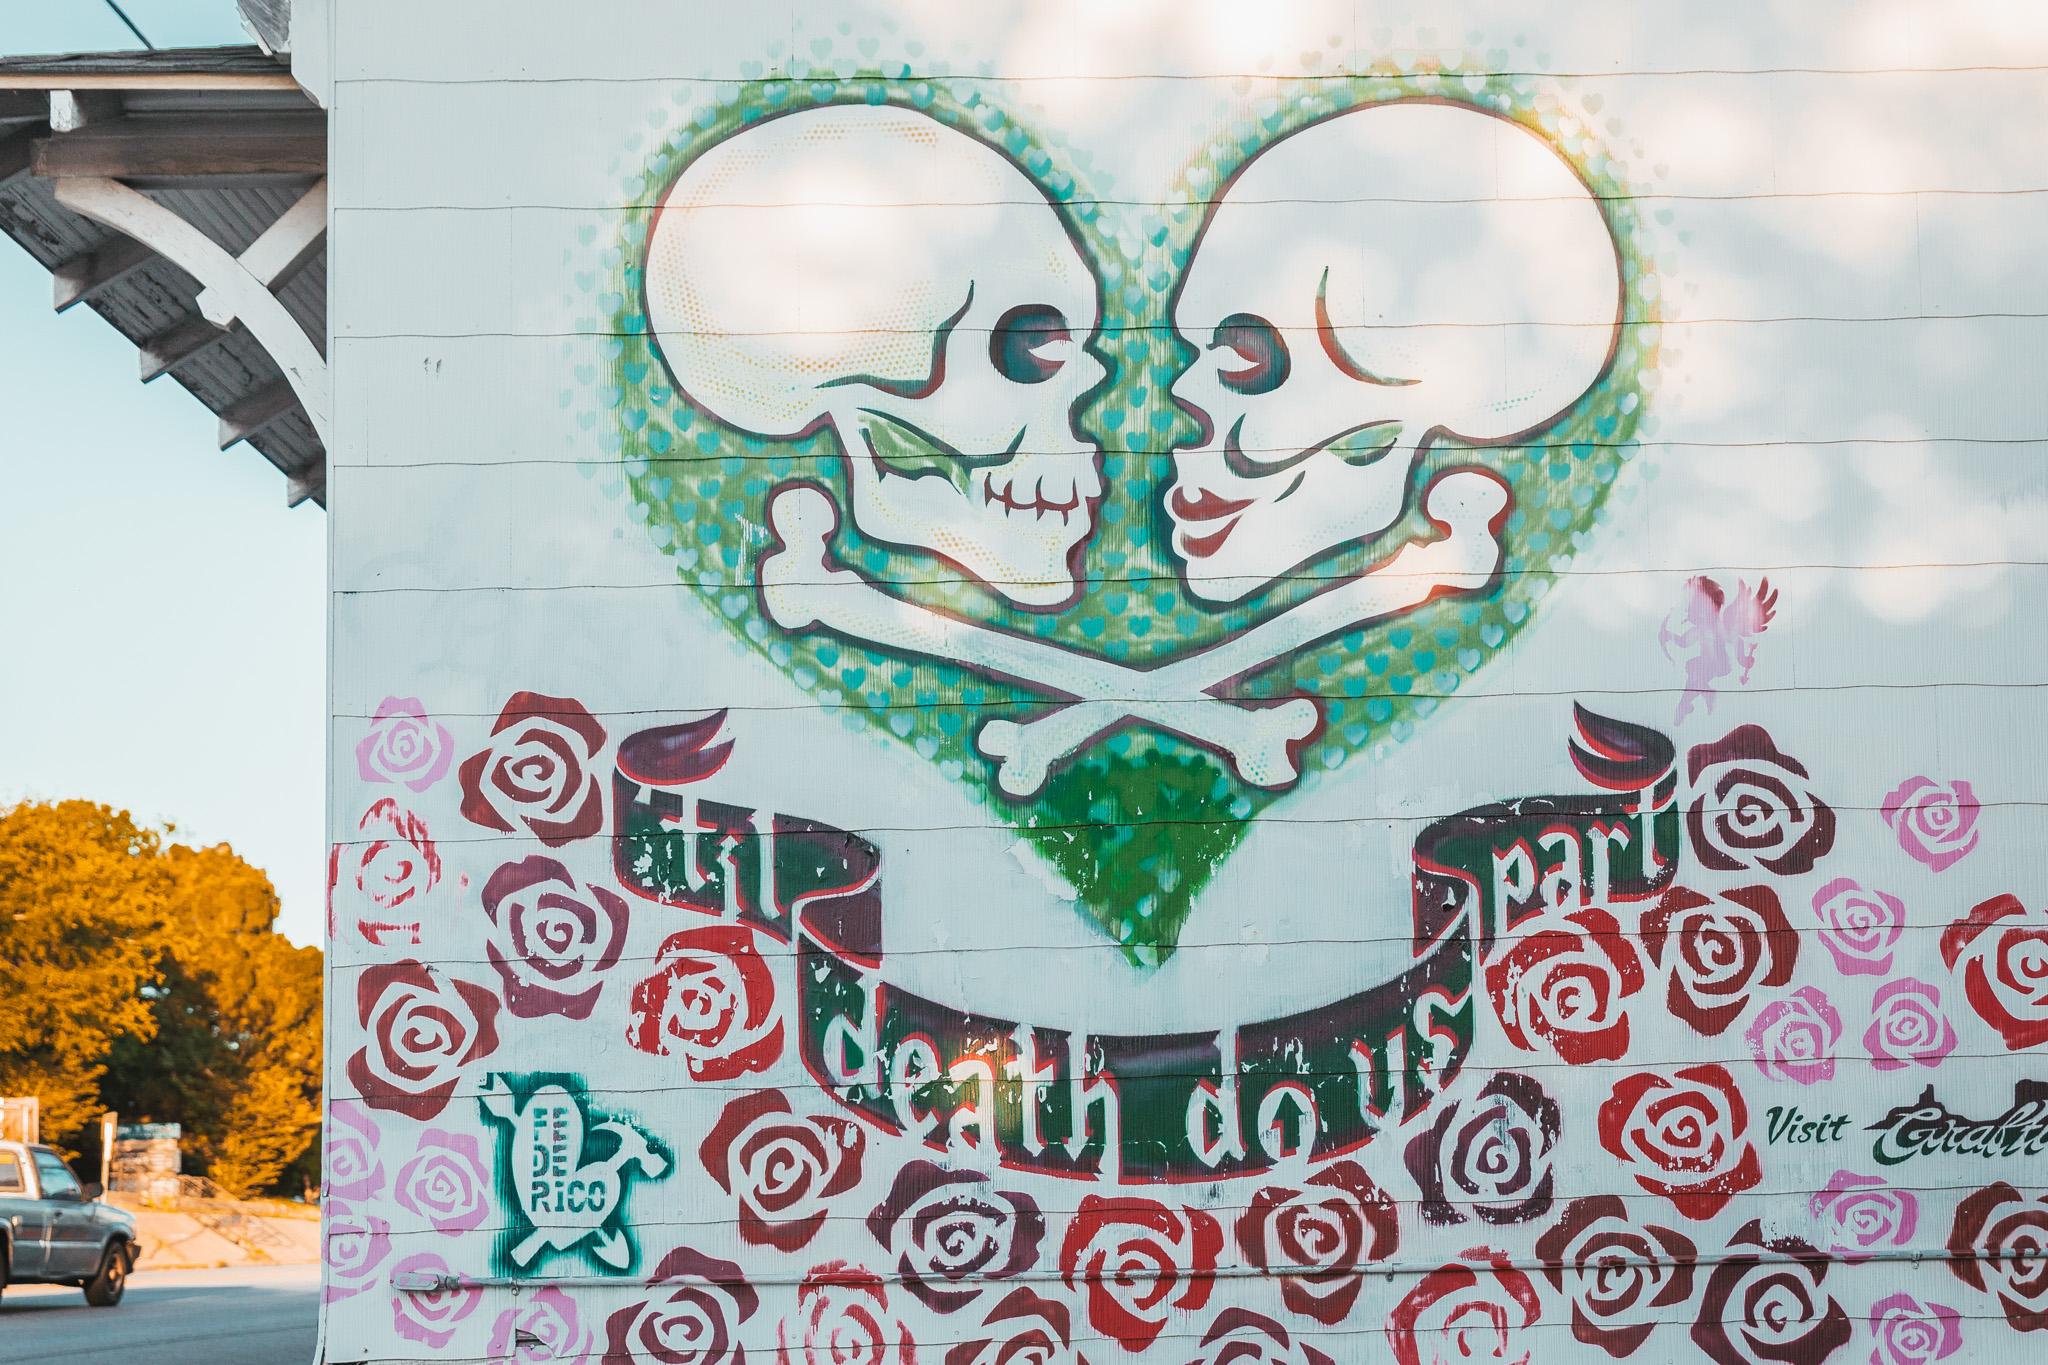 'Til Death Do Us Part Mural in East Austin